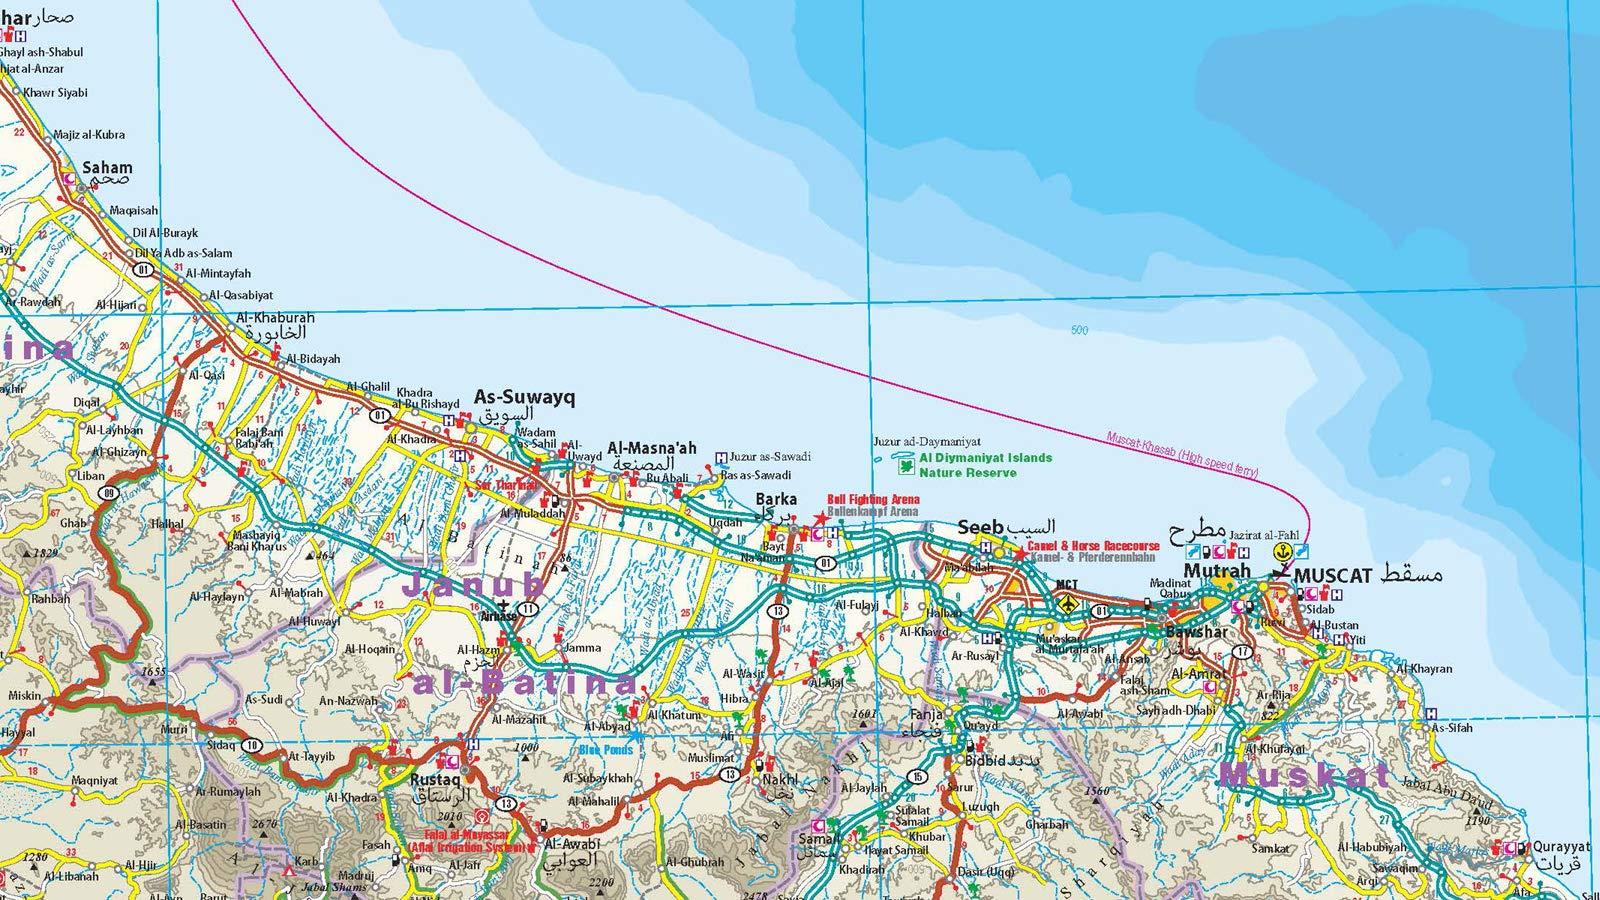 Karte Oman Kostenlos.Reise Know How Landkarte Oman 1 850 000 Reiss Und Wasserfest